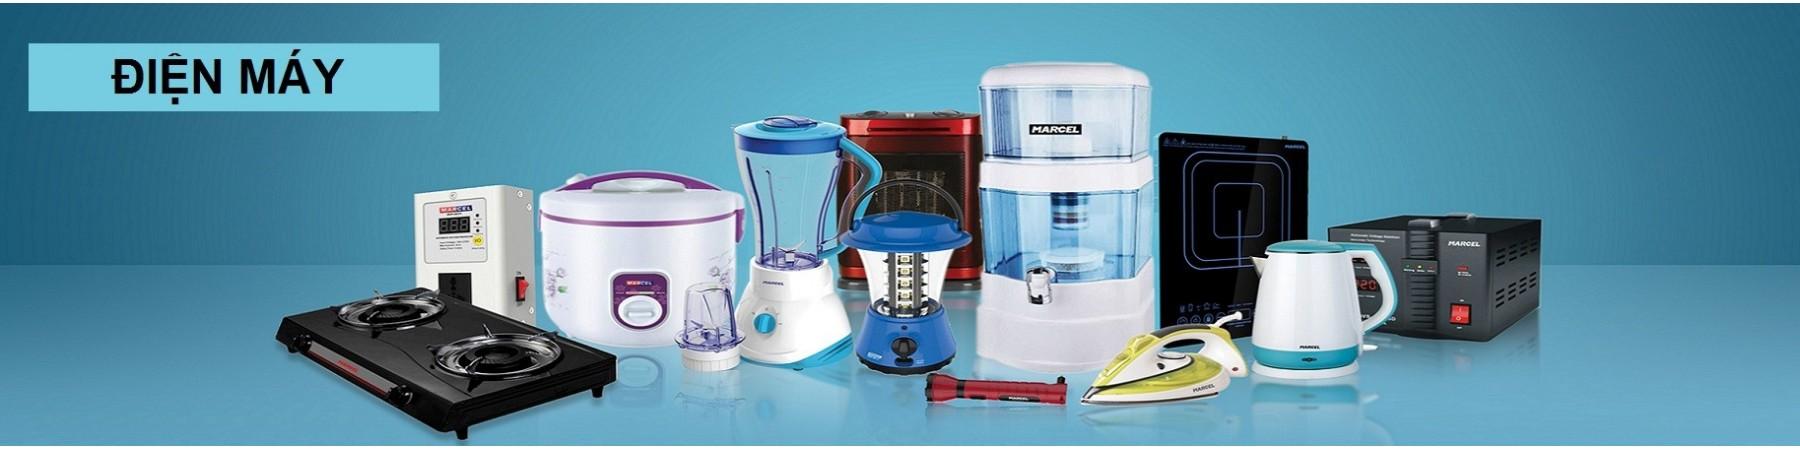 Máy,bình,thiết bị lọc nước tại vòi cho phòng bếp gia đình,chính hãng